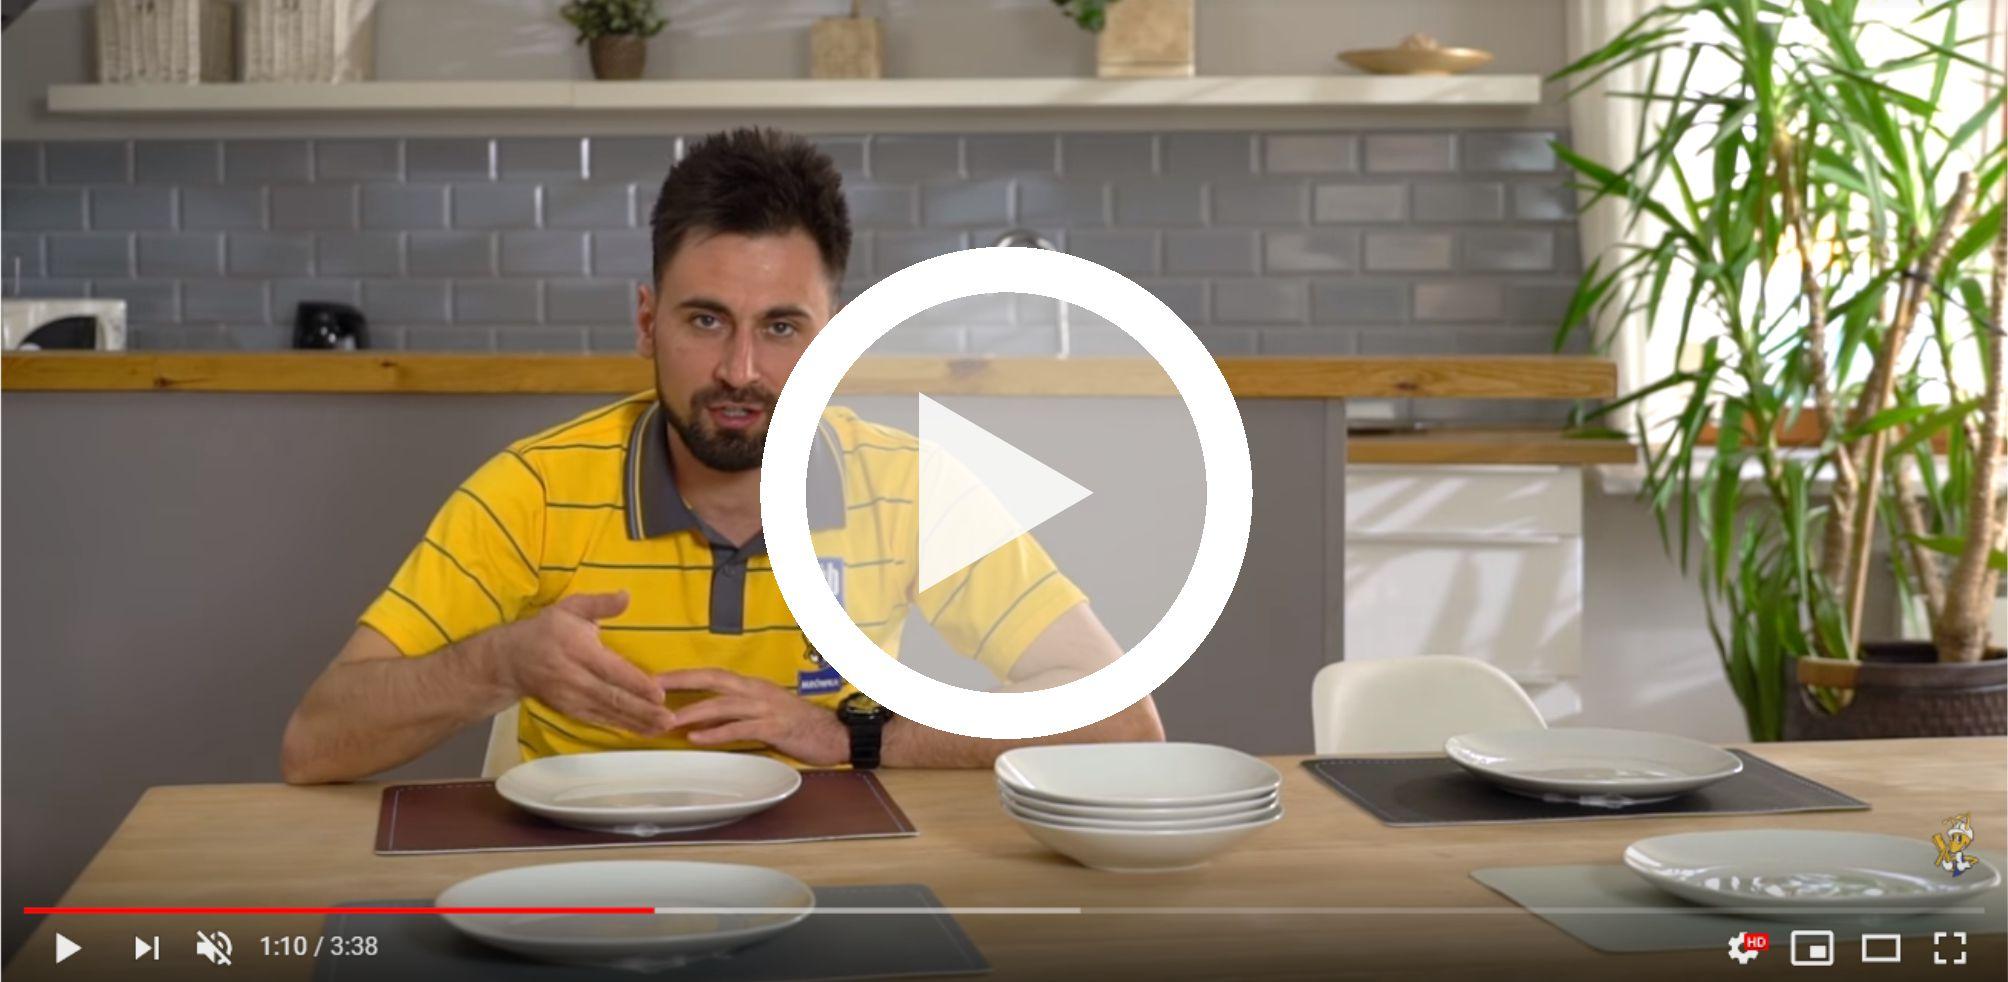 jak-udekorowac-kuchnie-i-jadalnie-kilka-praktycznych-pomyslow